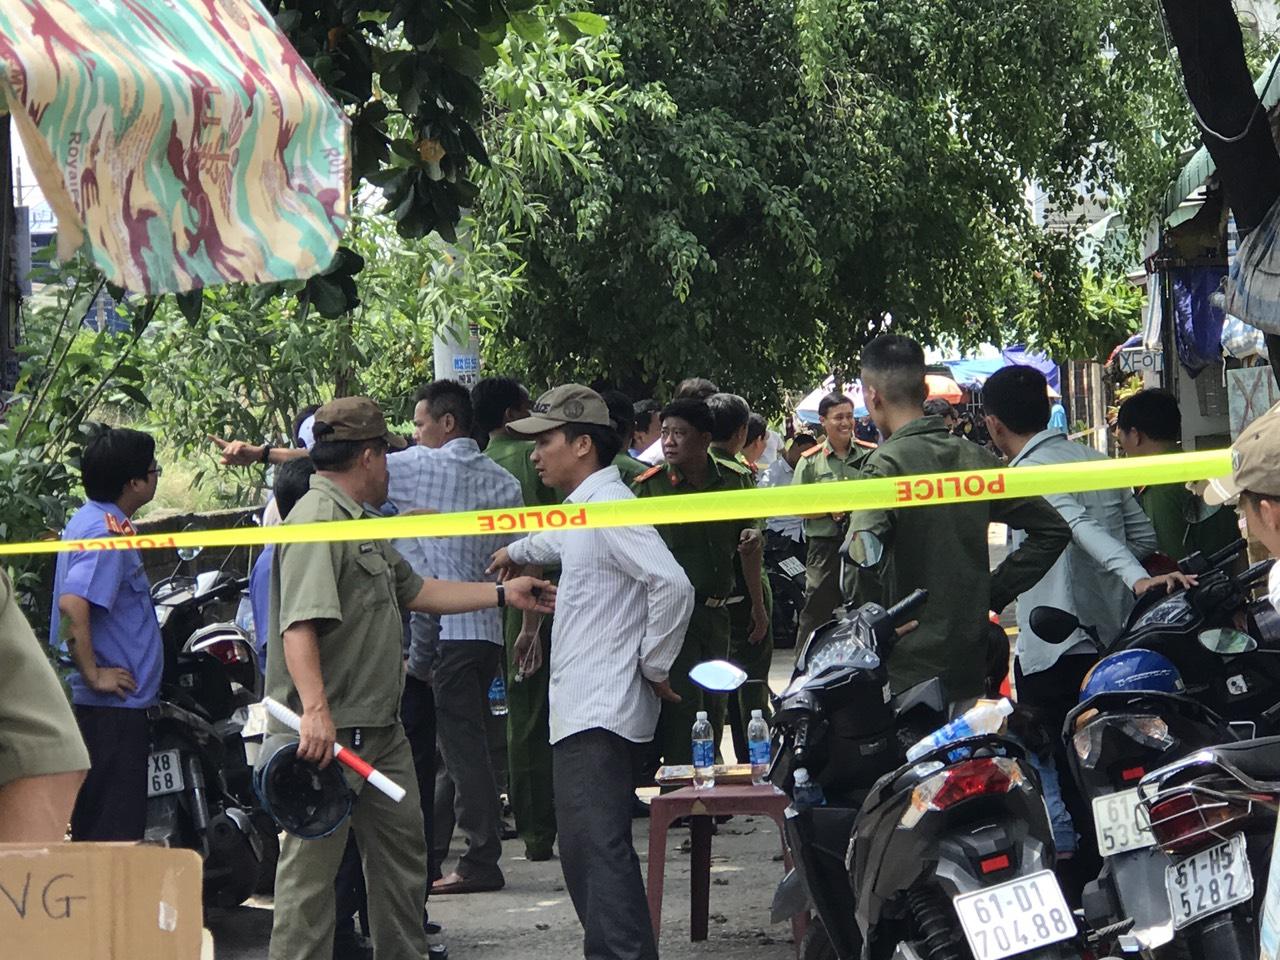 Bình Dương: Thai phụ cùng con gái 3 tuổi và chồng tử vong trong căn phòng trọ khóa kín - Ảnh 2